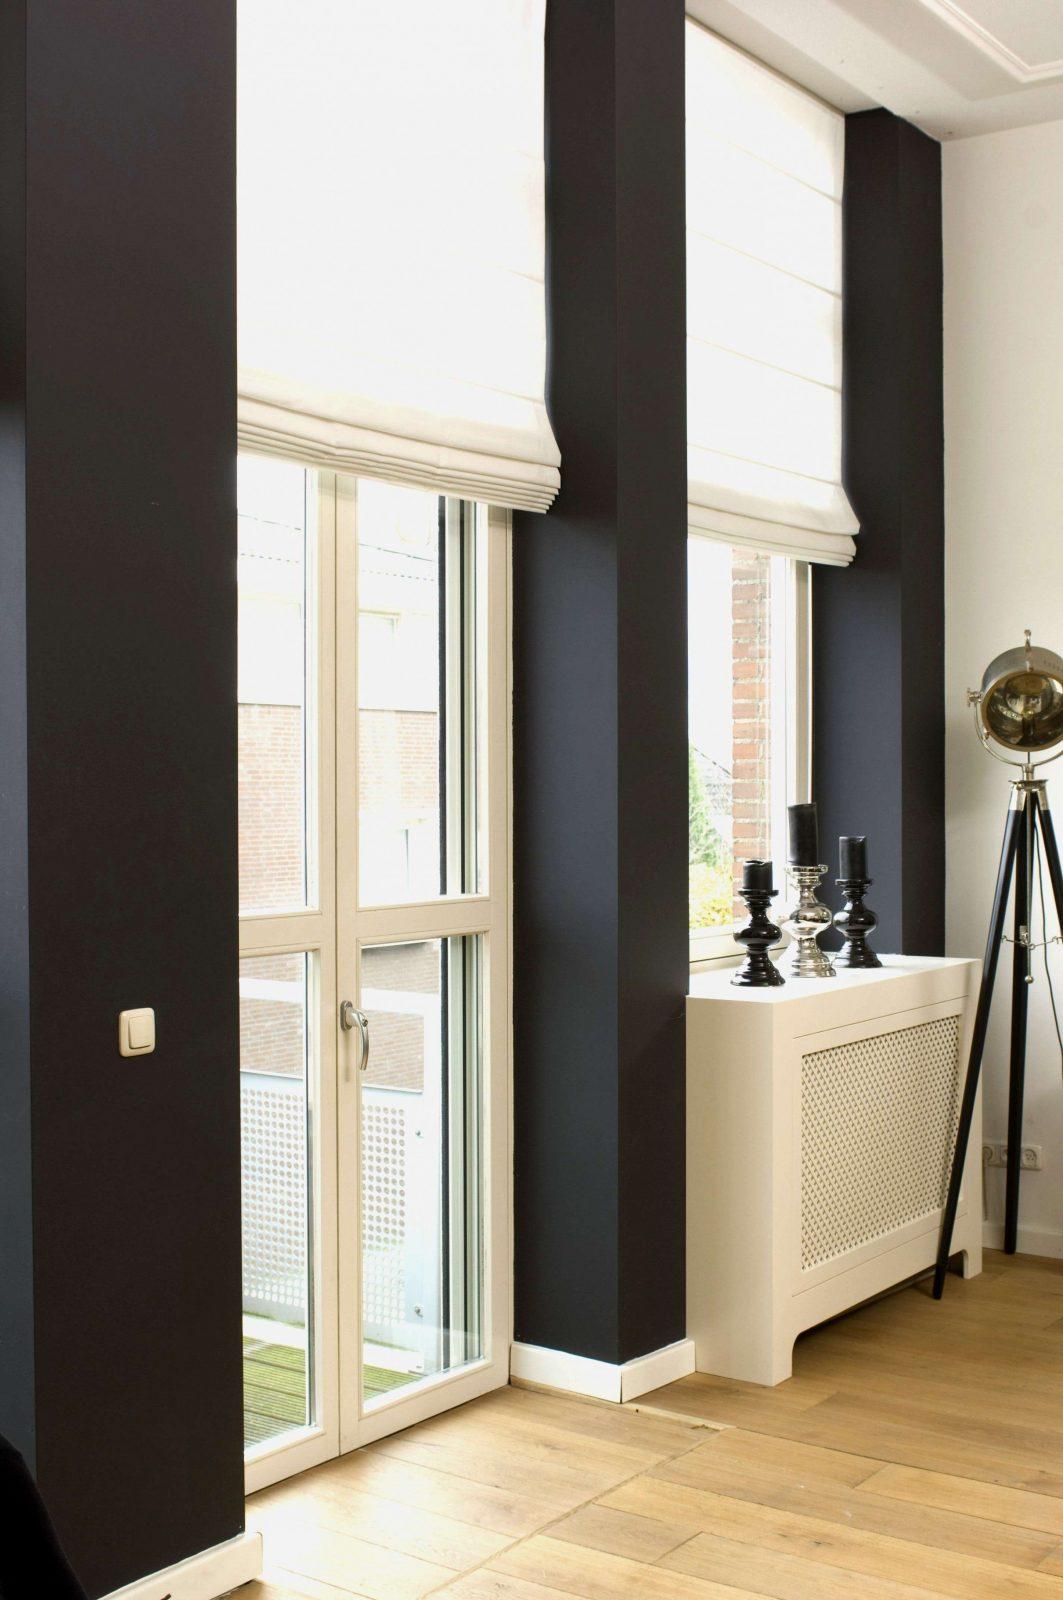 Einzigartig Gardinen Für Grosse Terrassenfenster Design Design Von von Terrasse Fenster Gardinen Photo